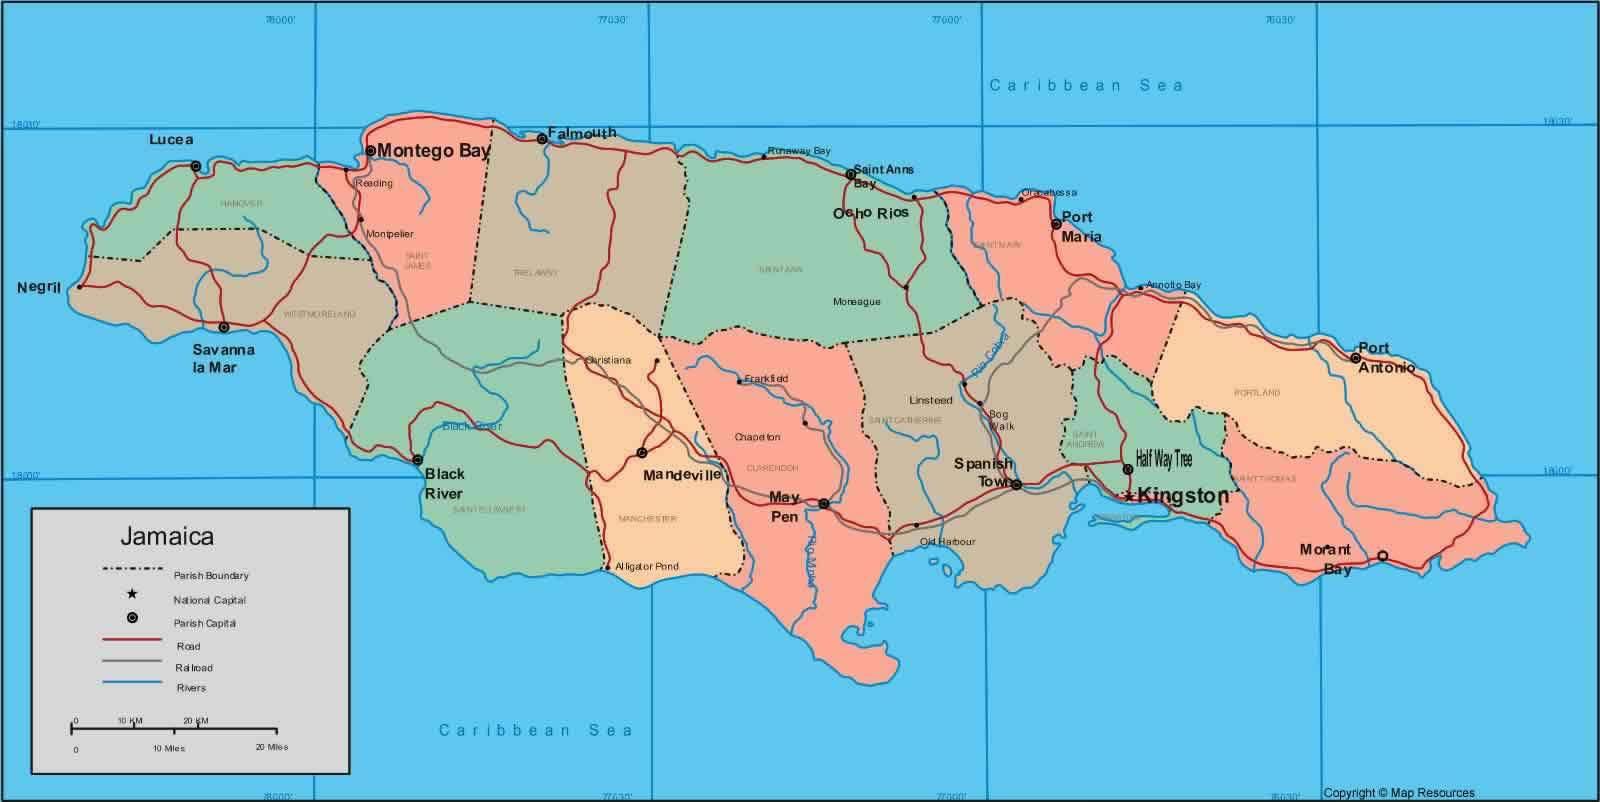 jamaique sur la carte du monde-